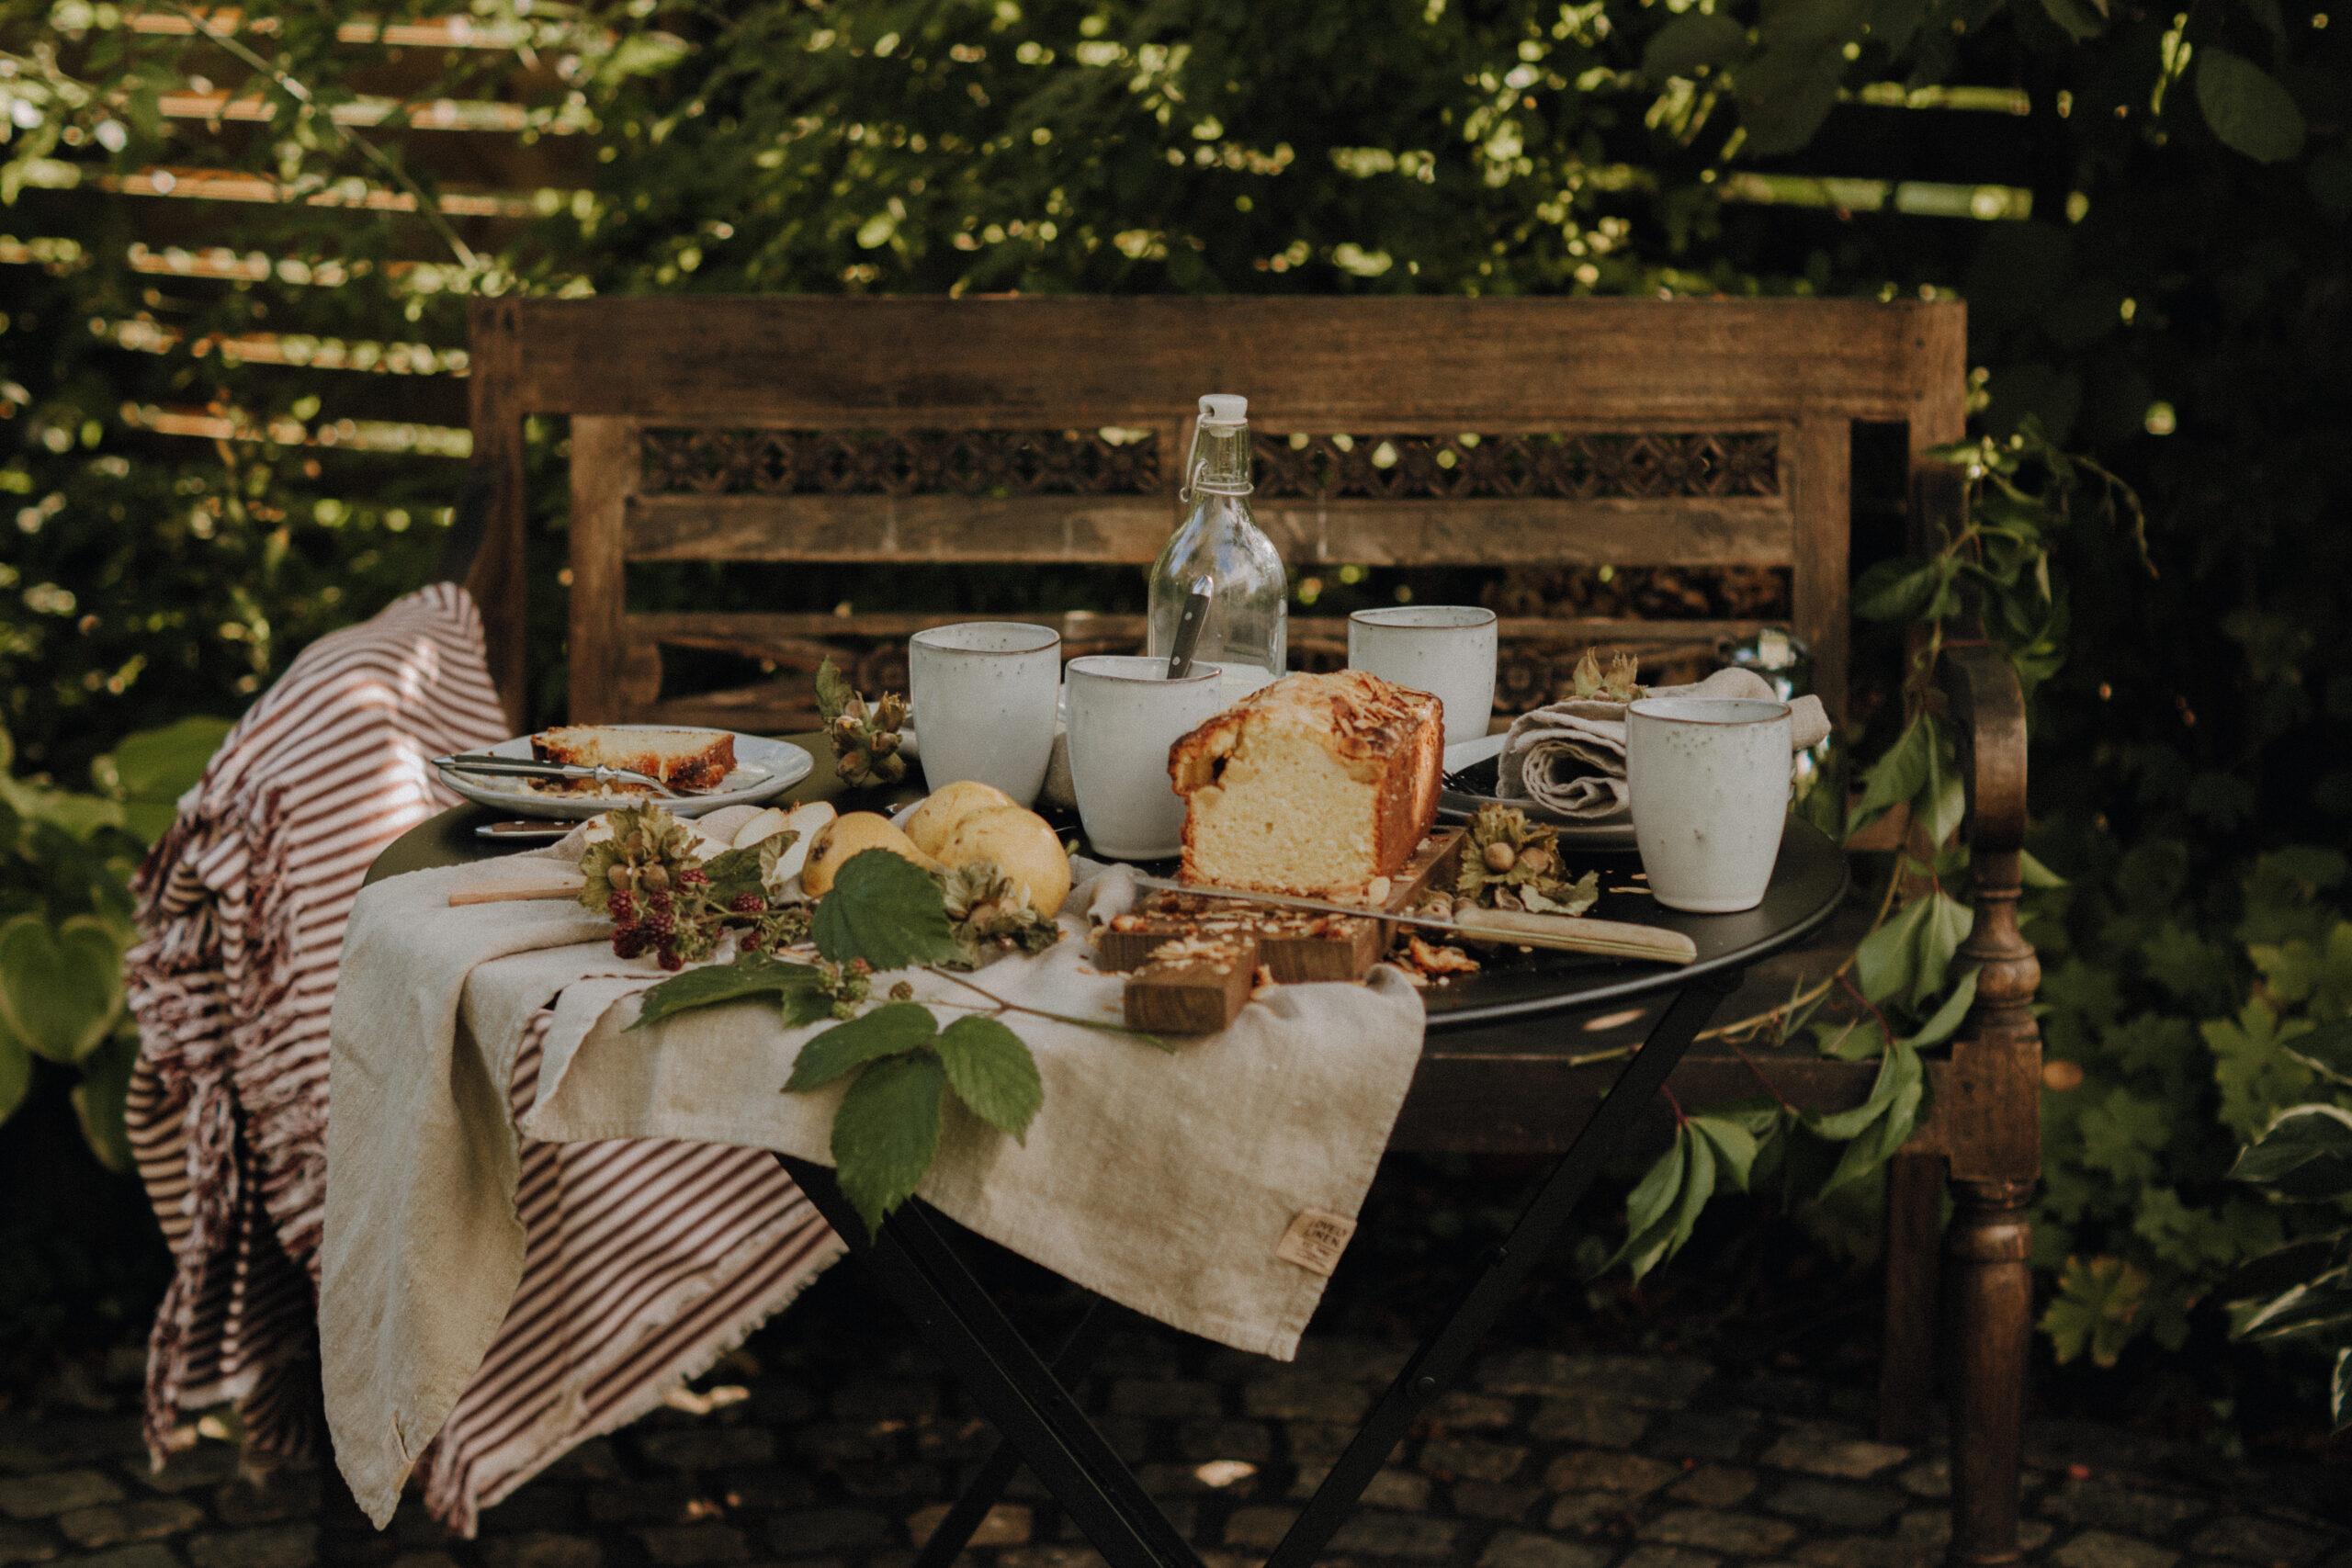 Zu Gast im Garten – ein herbstlicher Ausflug zu Freund:innen